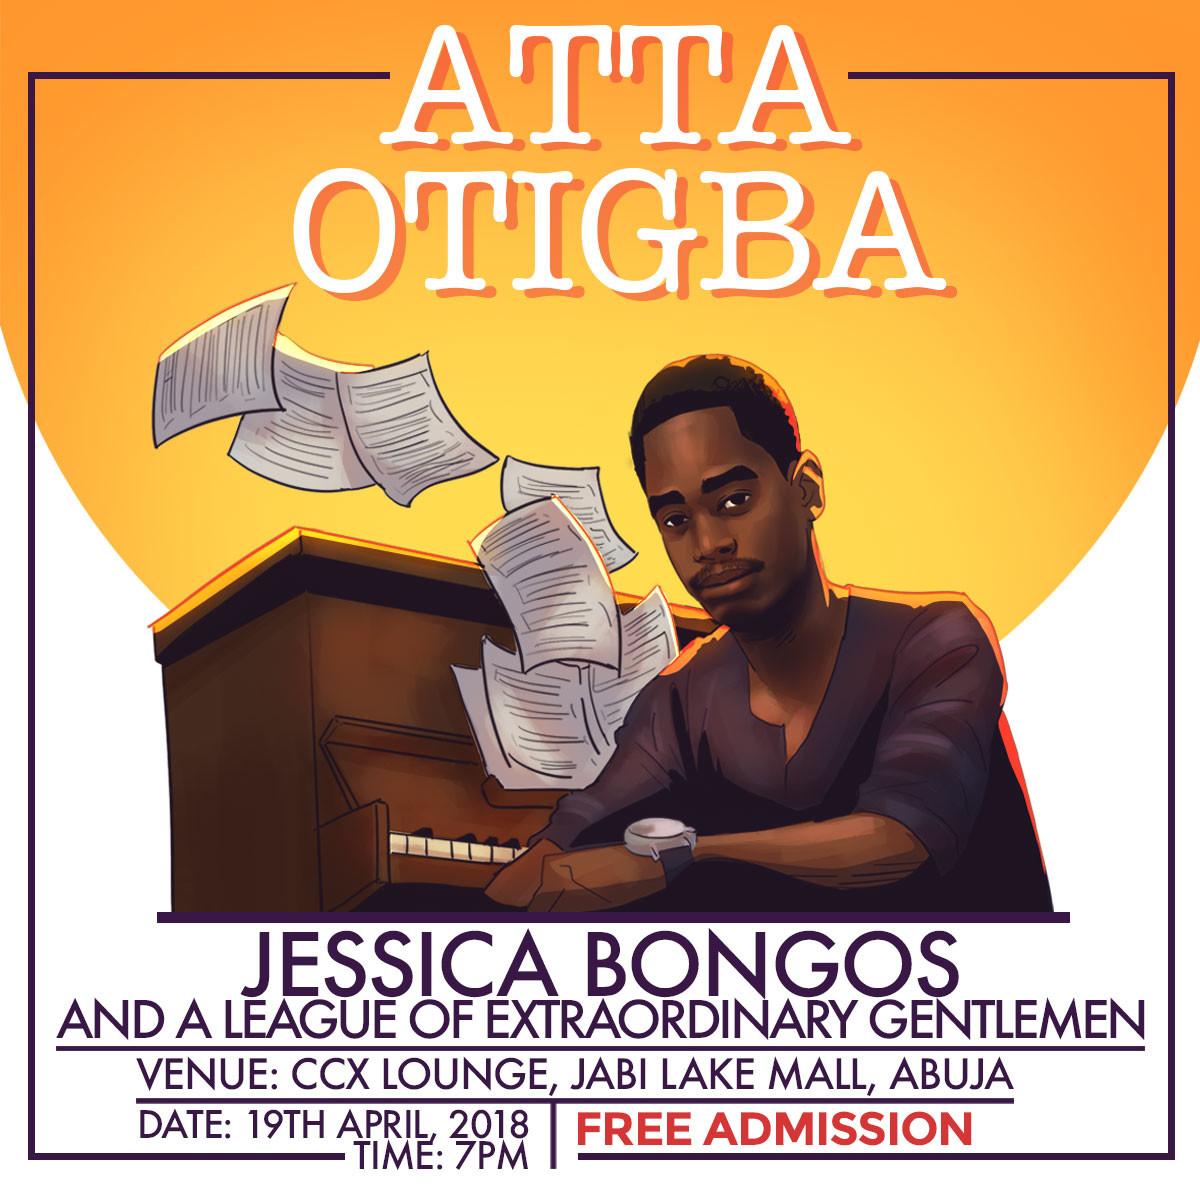 Etubi onucheyo bongos atta